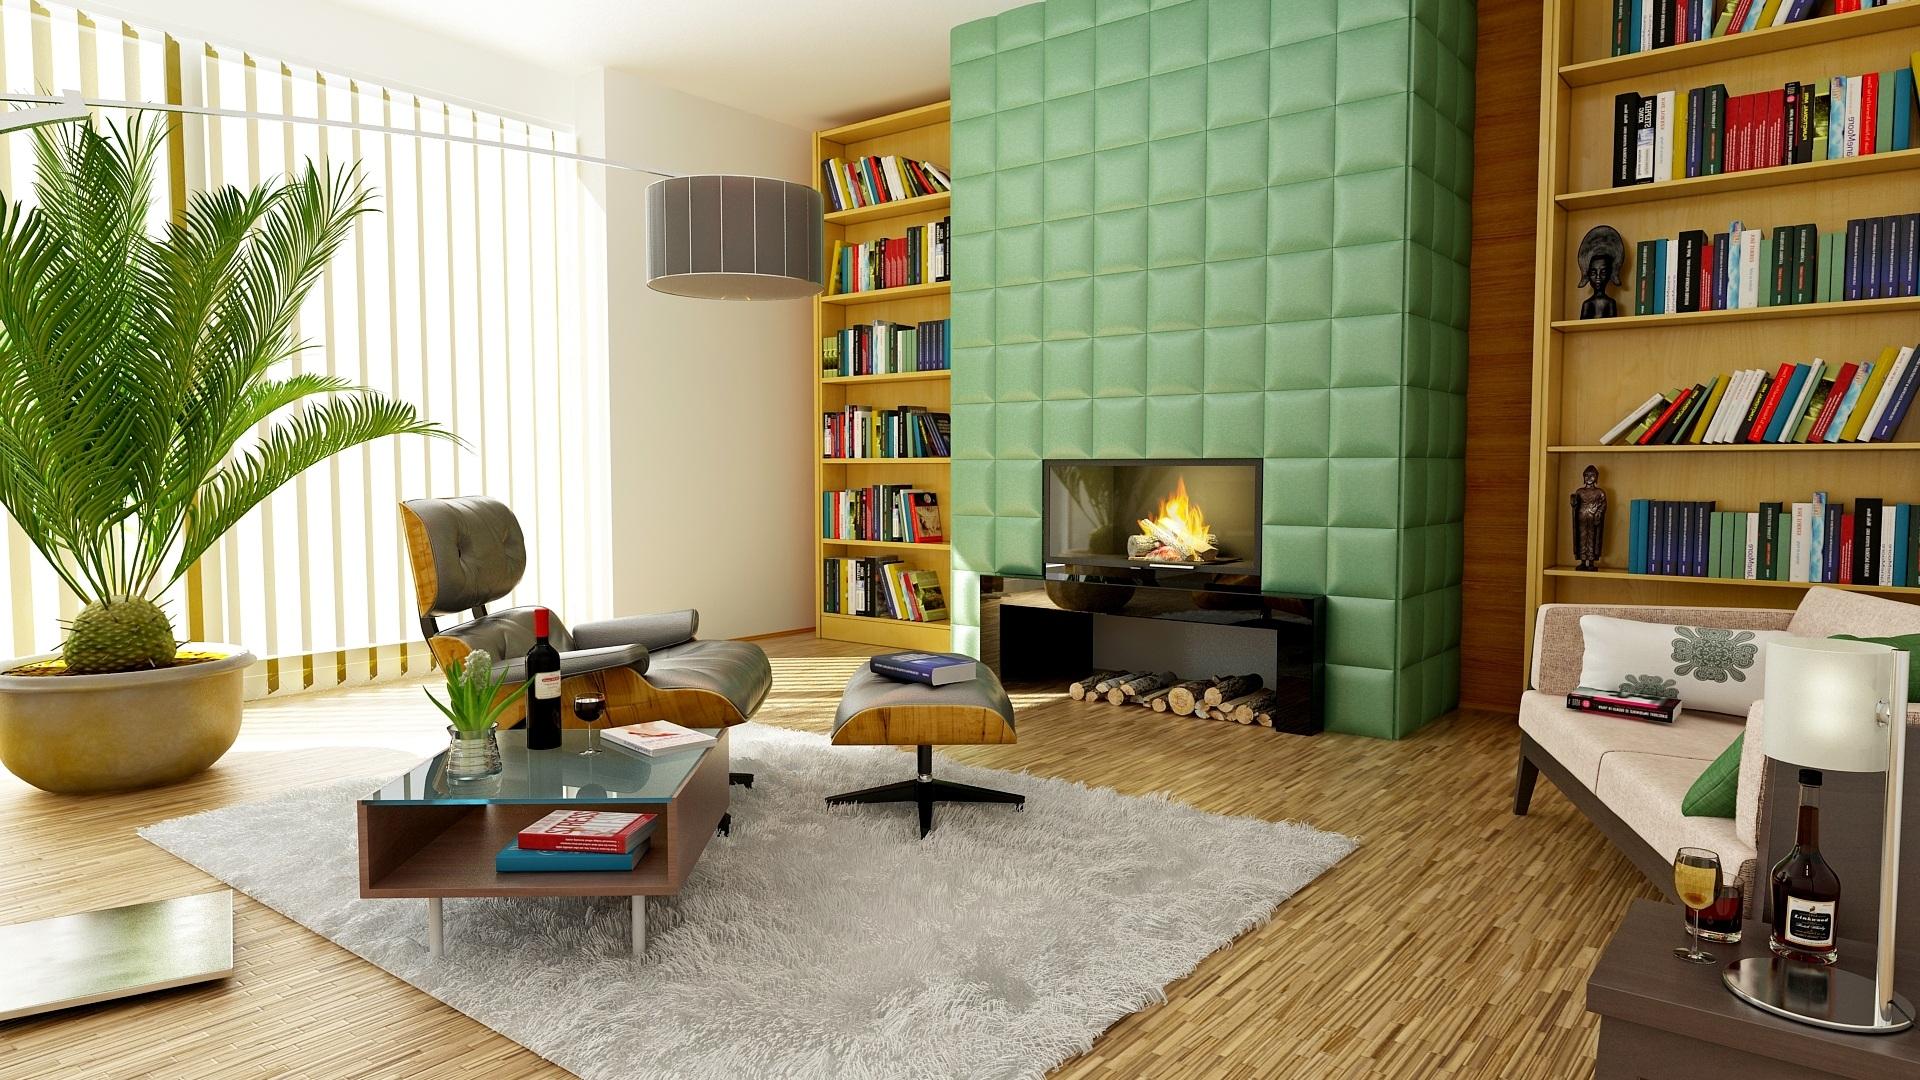 Feature Wall - Fireplace - Keresi72.jpg